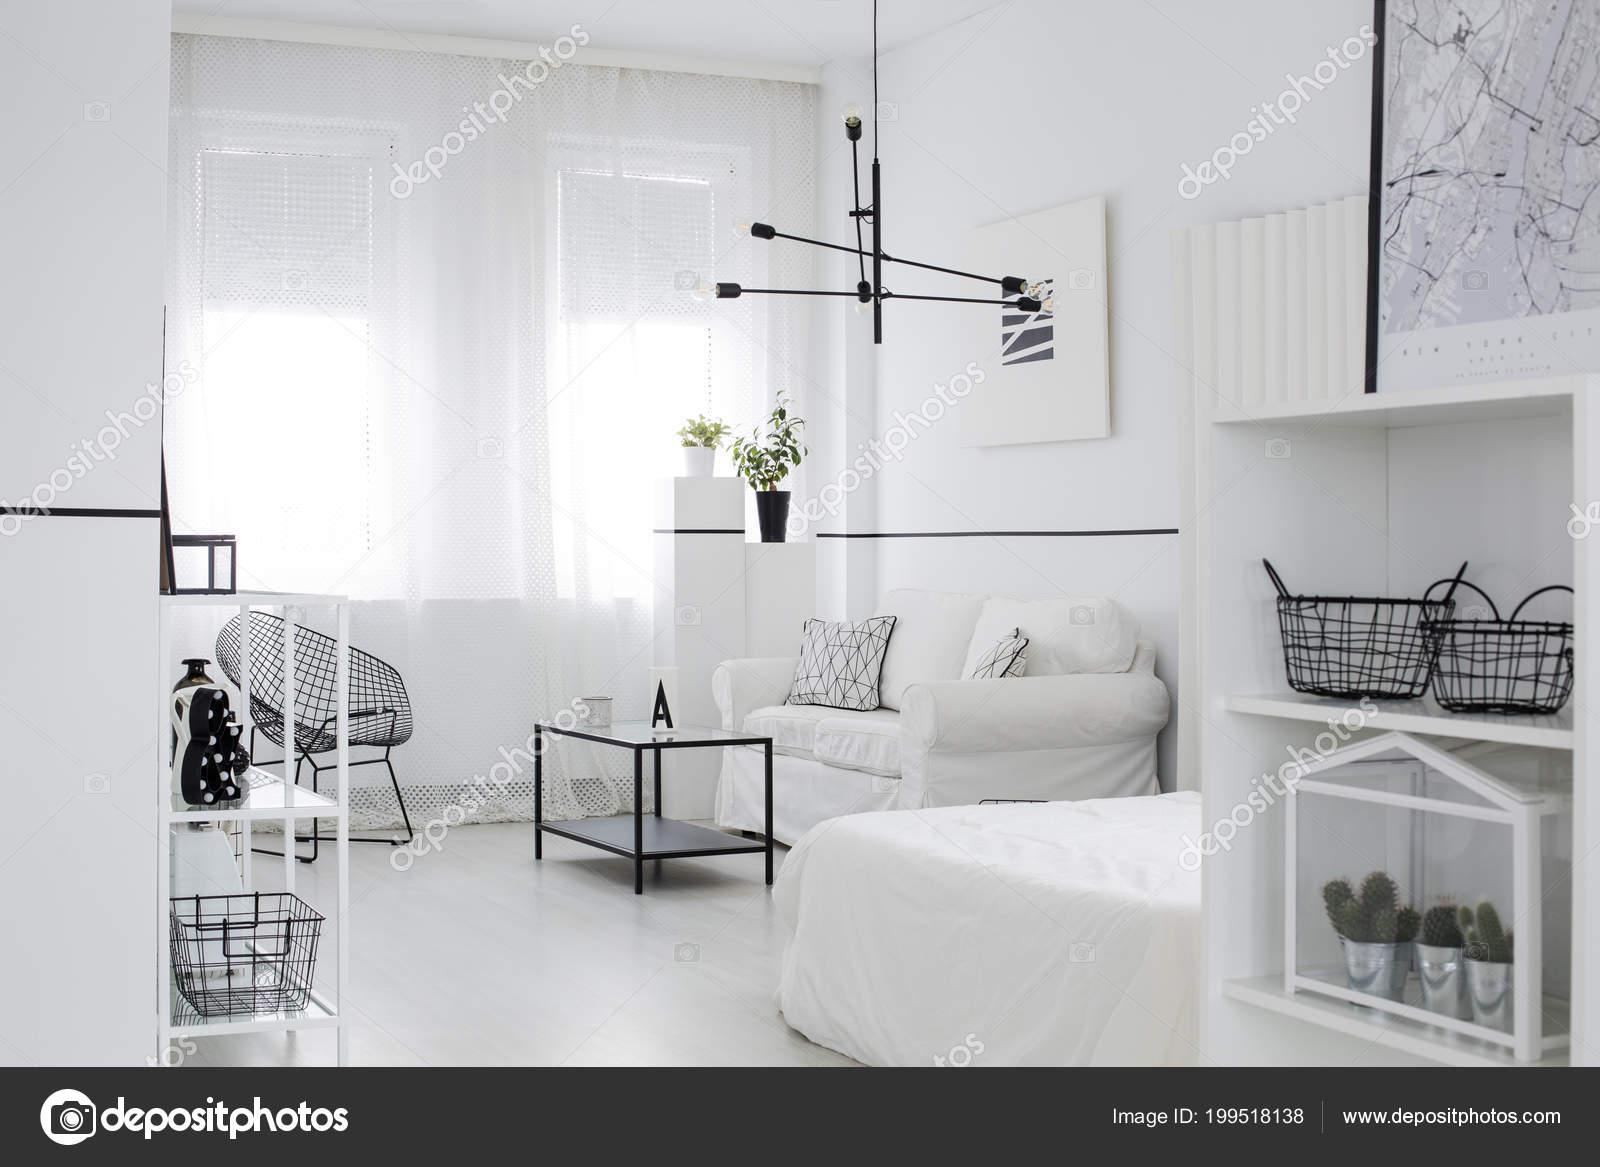 Skandinavischen Stil Wohnzimmer Interieur Mit Windows